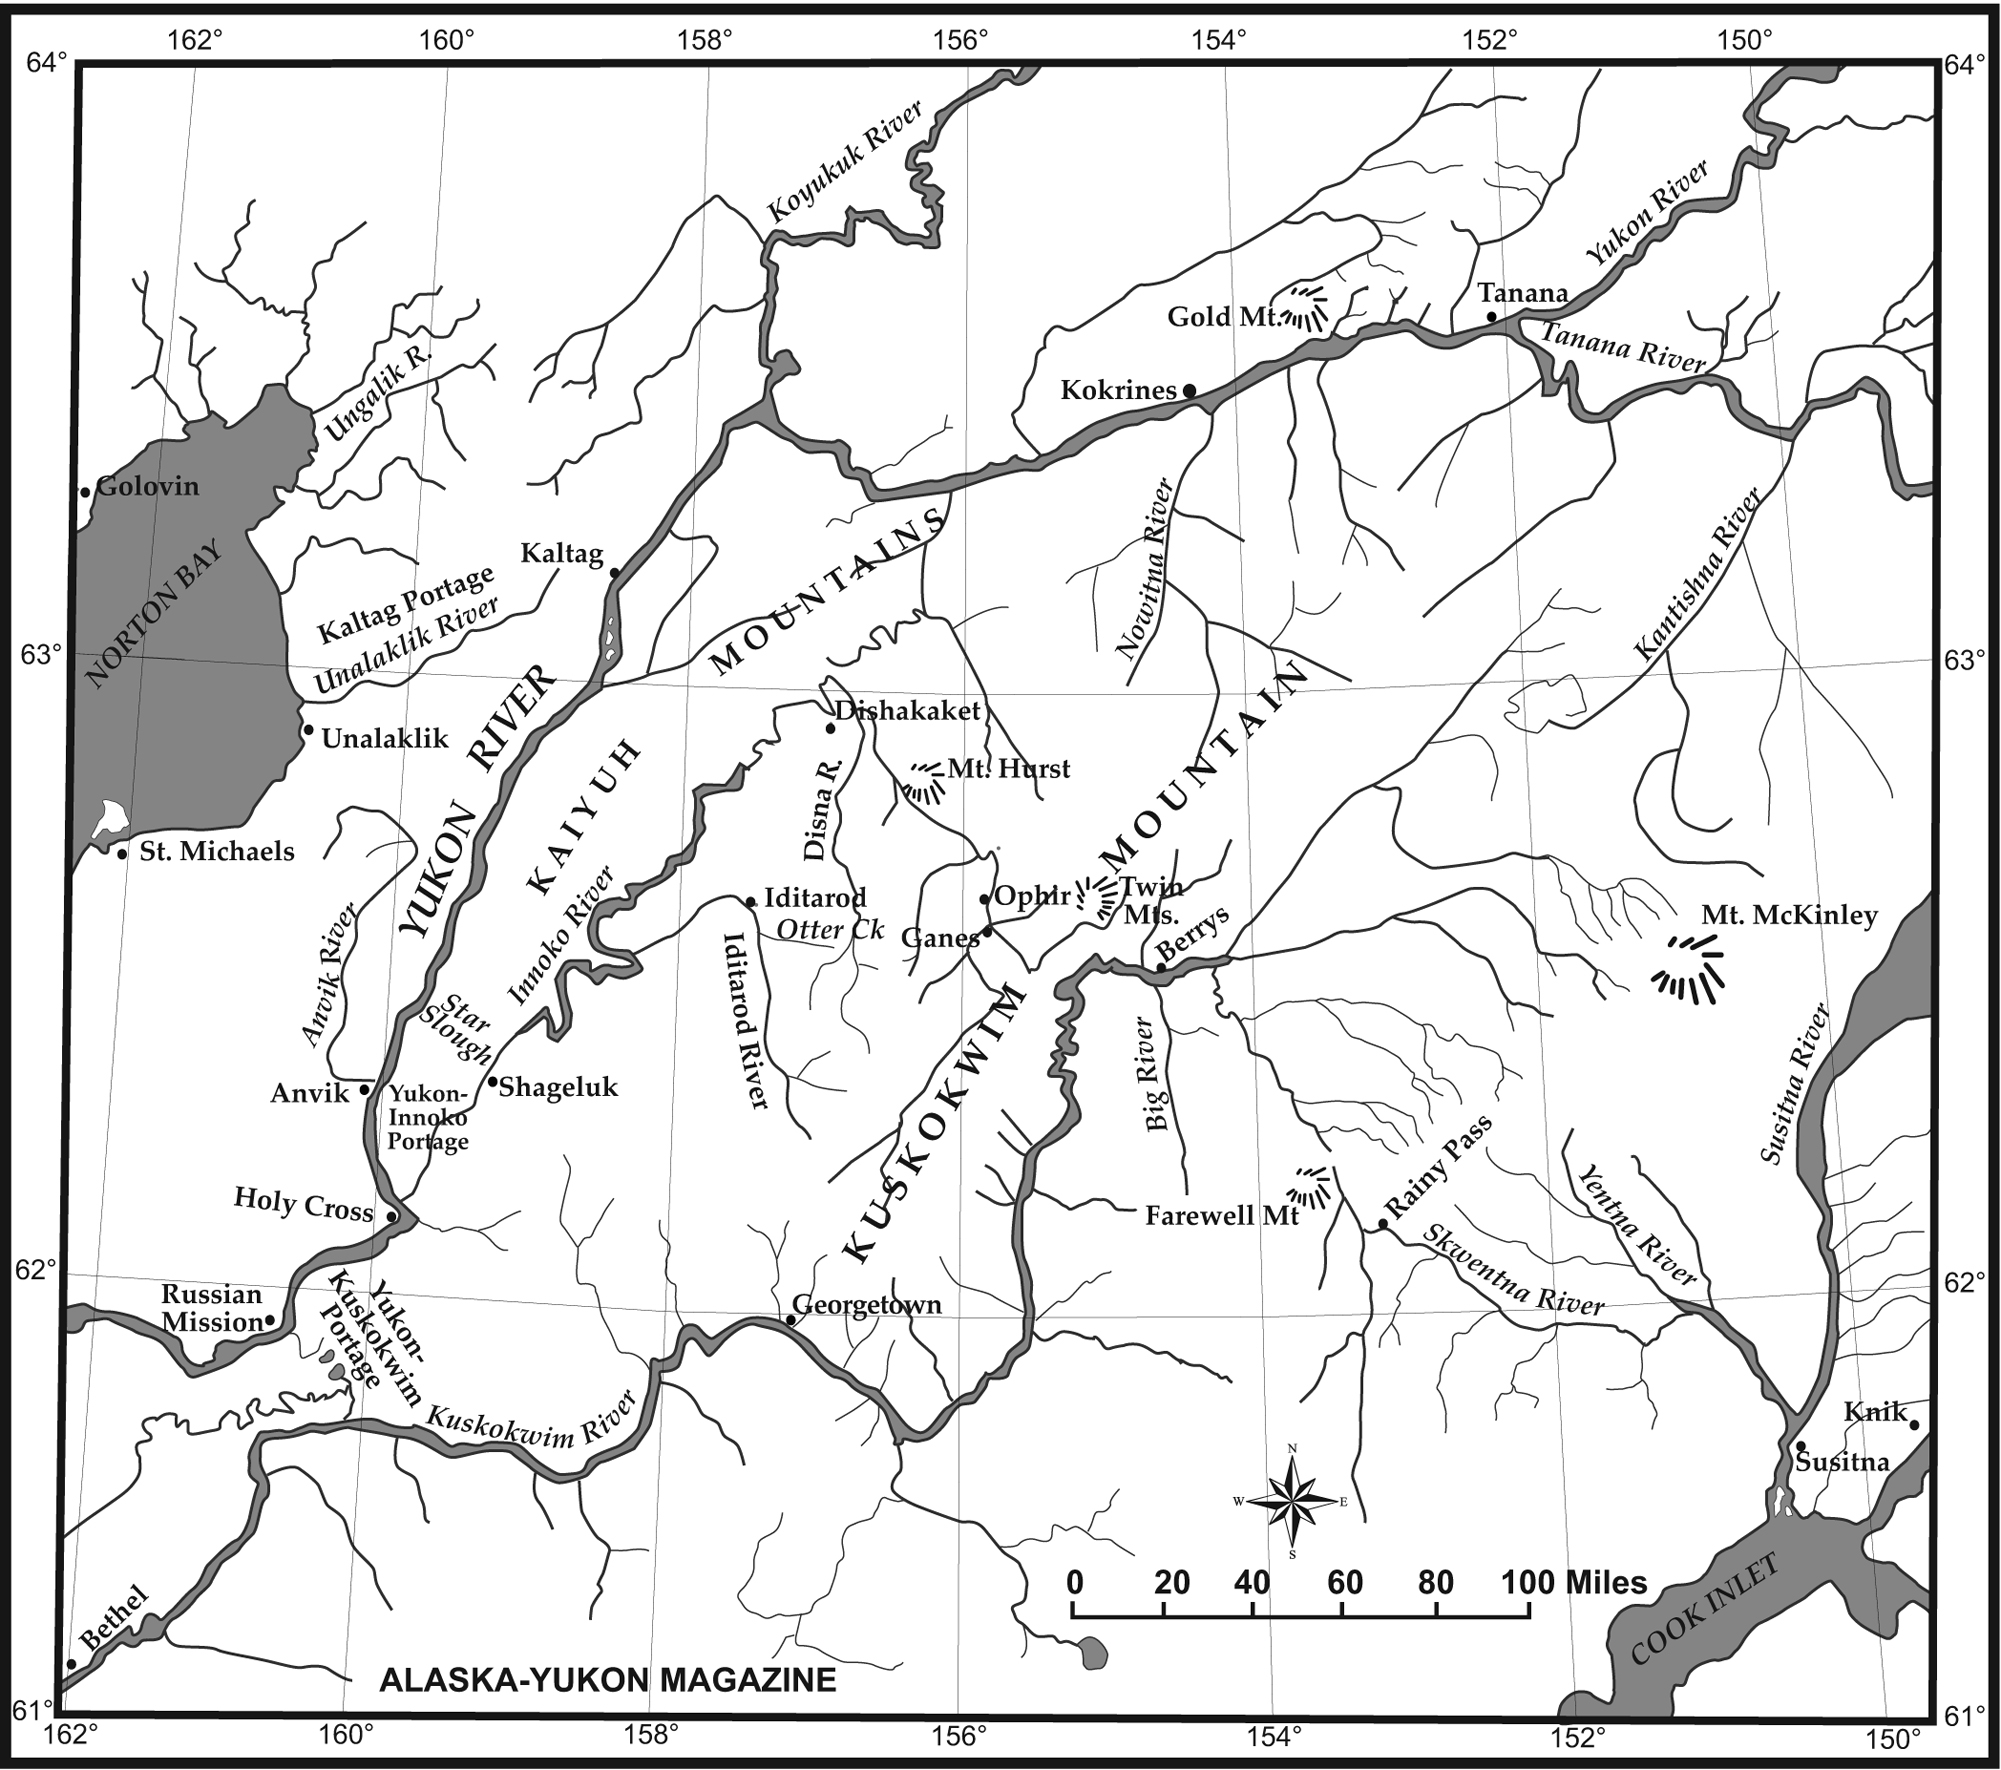 Goodwin_map-4